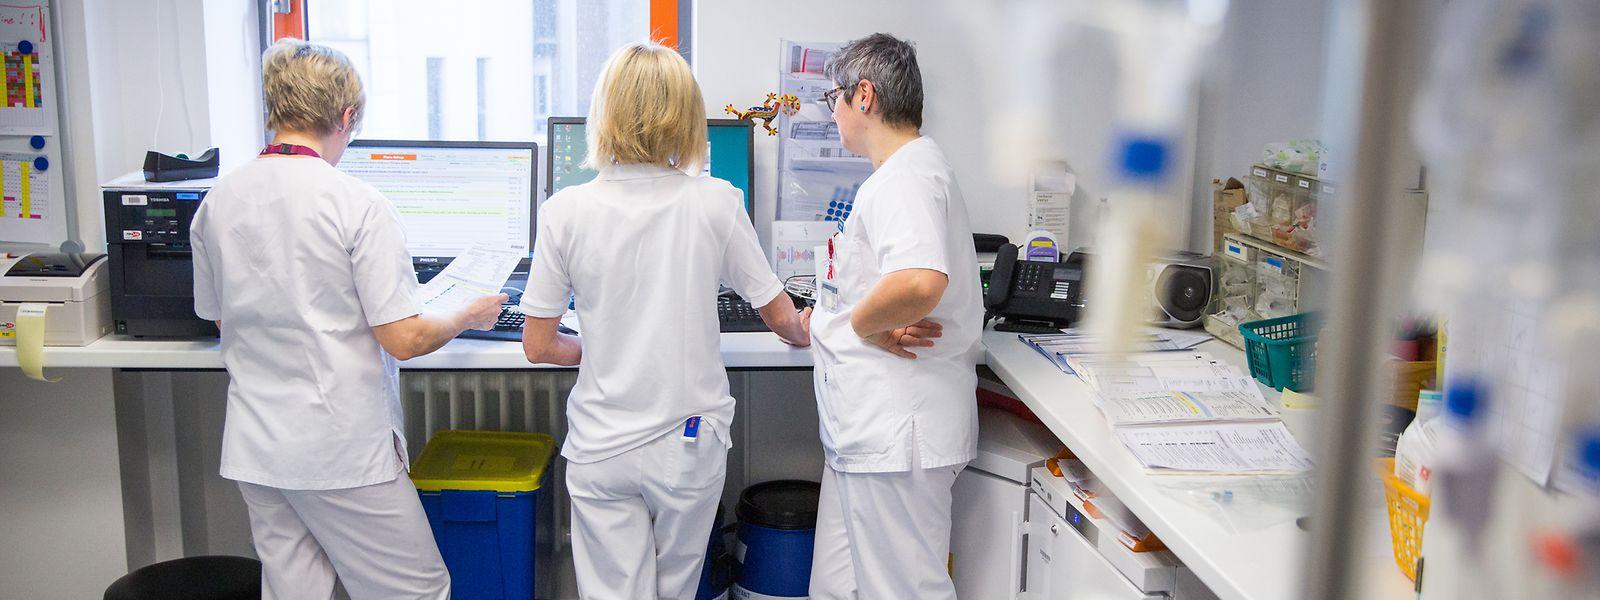 Ein Bruttojahresgehalt von 94.000 Euro ist für viele Krankenpfleger nicht vorstellbar – mehr als die Hälfte arbeitet nämlich in Teilzeit.